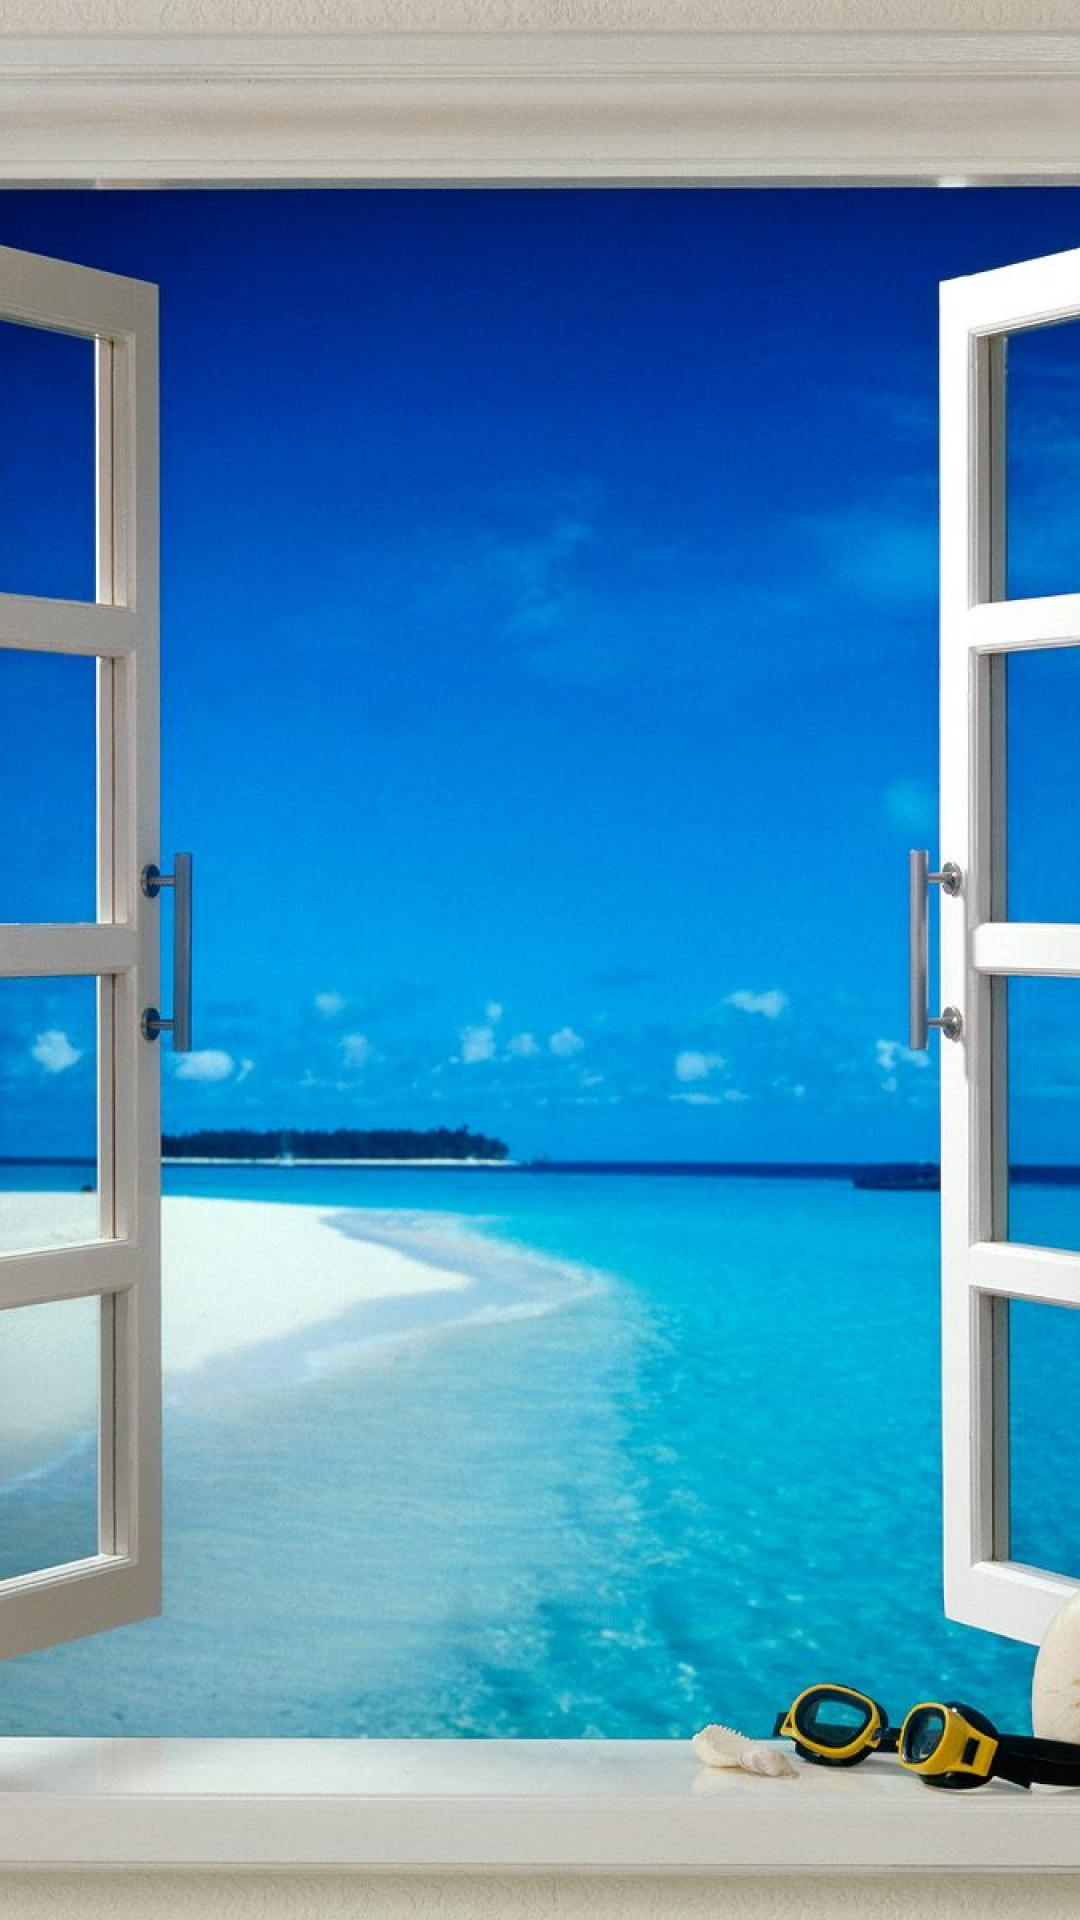 窓から望むビーチ Iphone6 Plus壁紙 Wallpaperbox